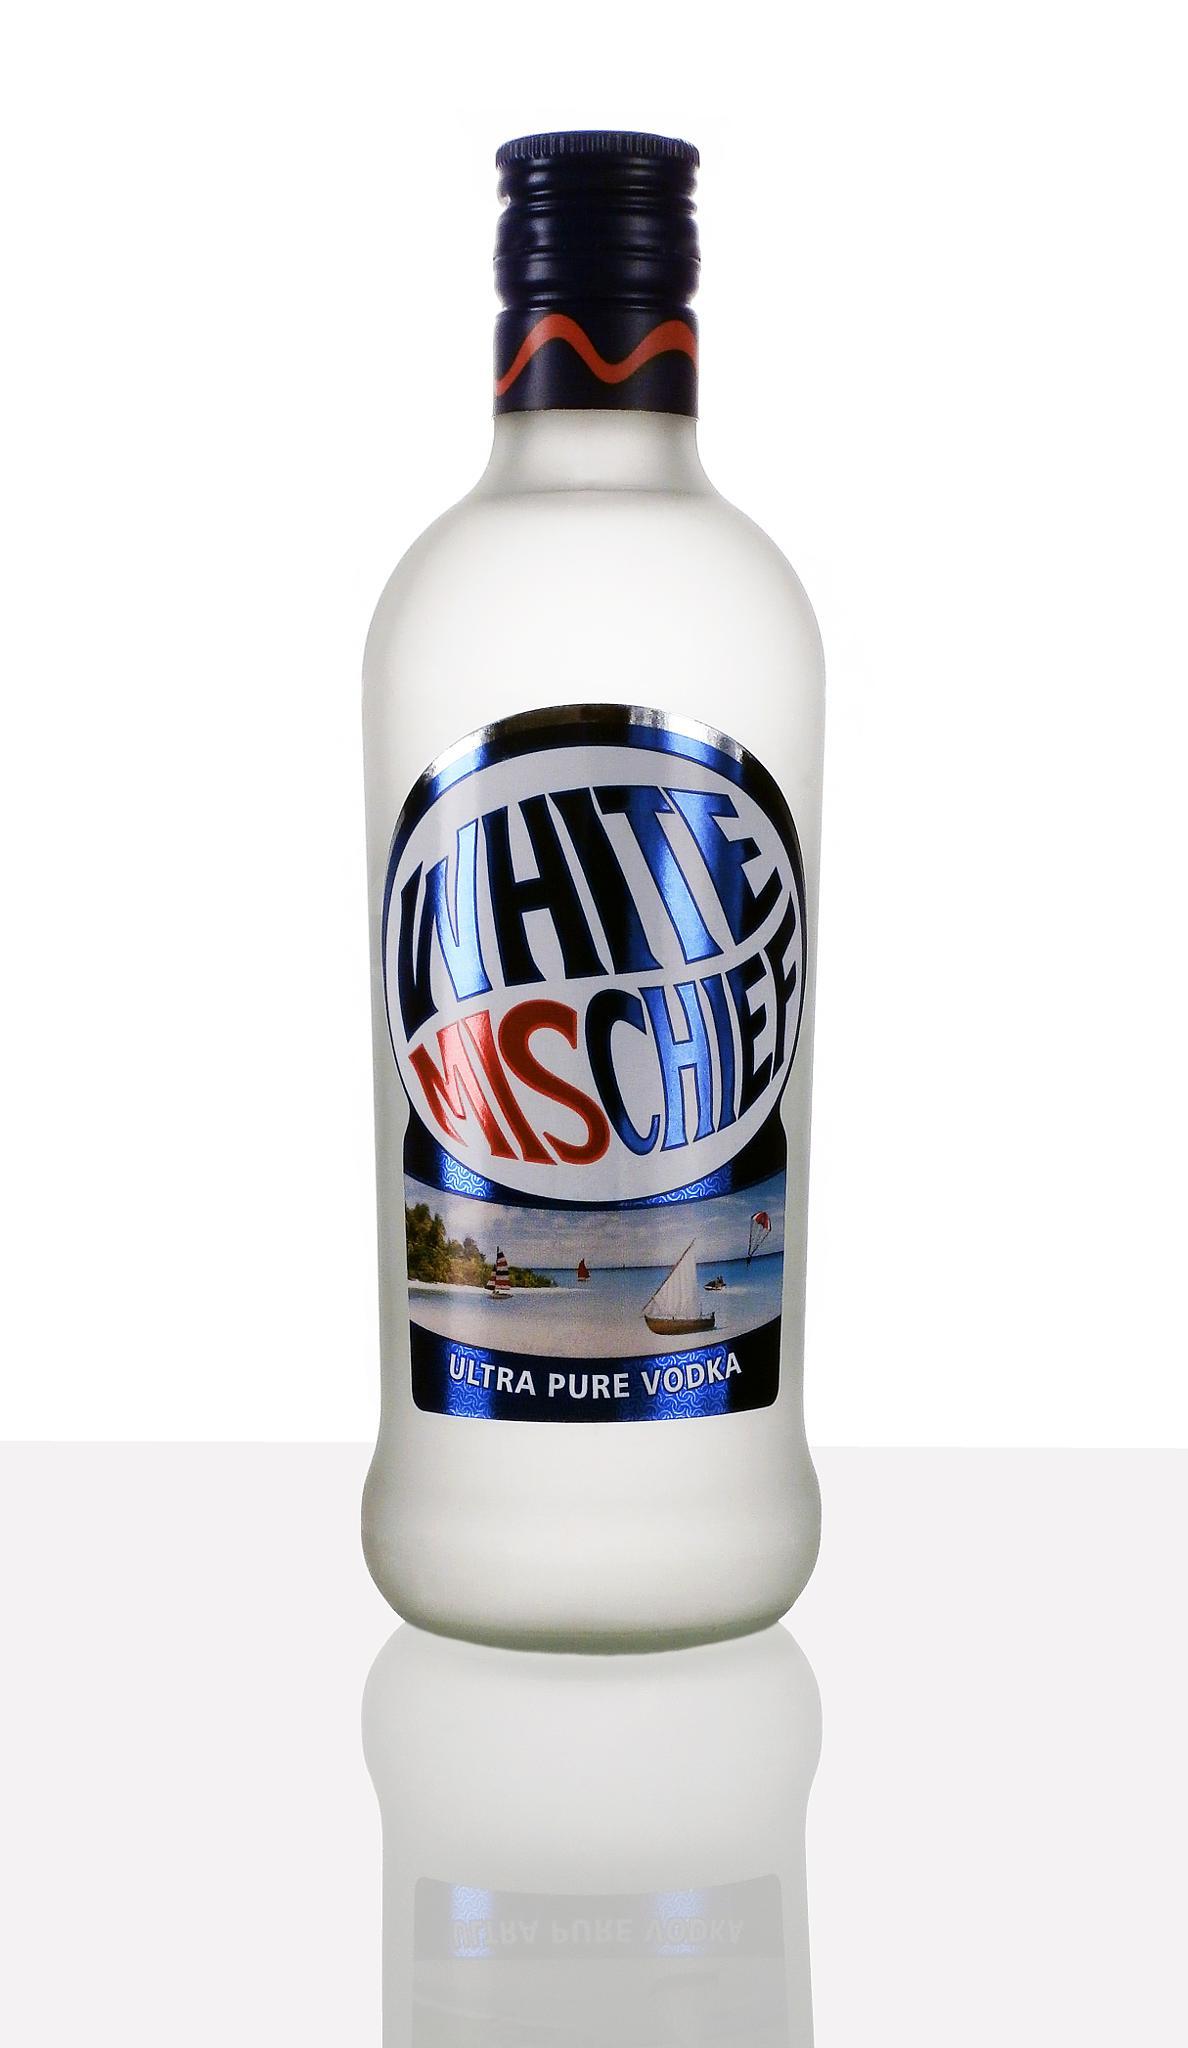 White Mischief [Vodka] by Reuben Kinny